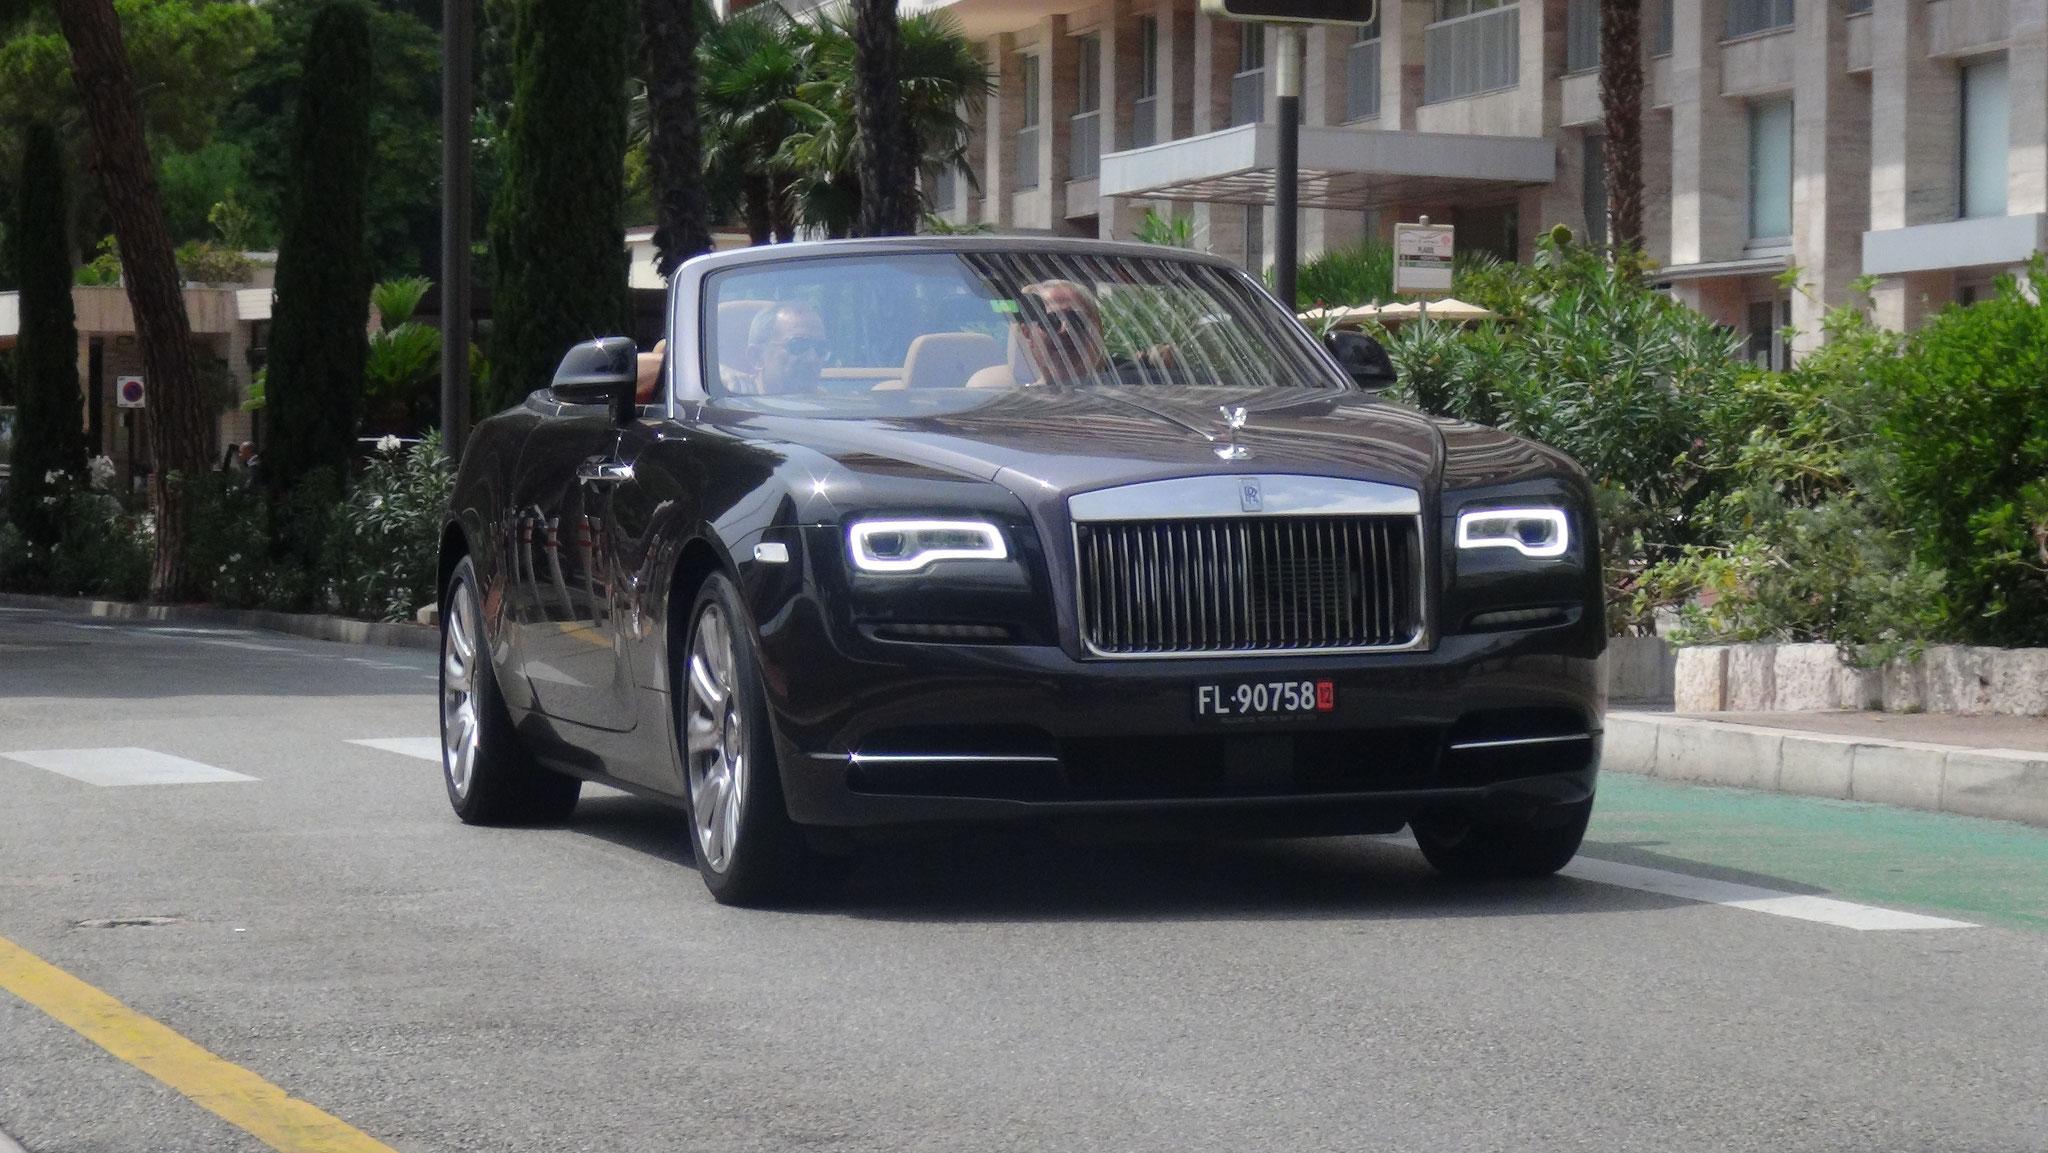 Rolls Royce Dawn - FL-90758 (LIC)